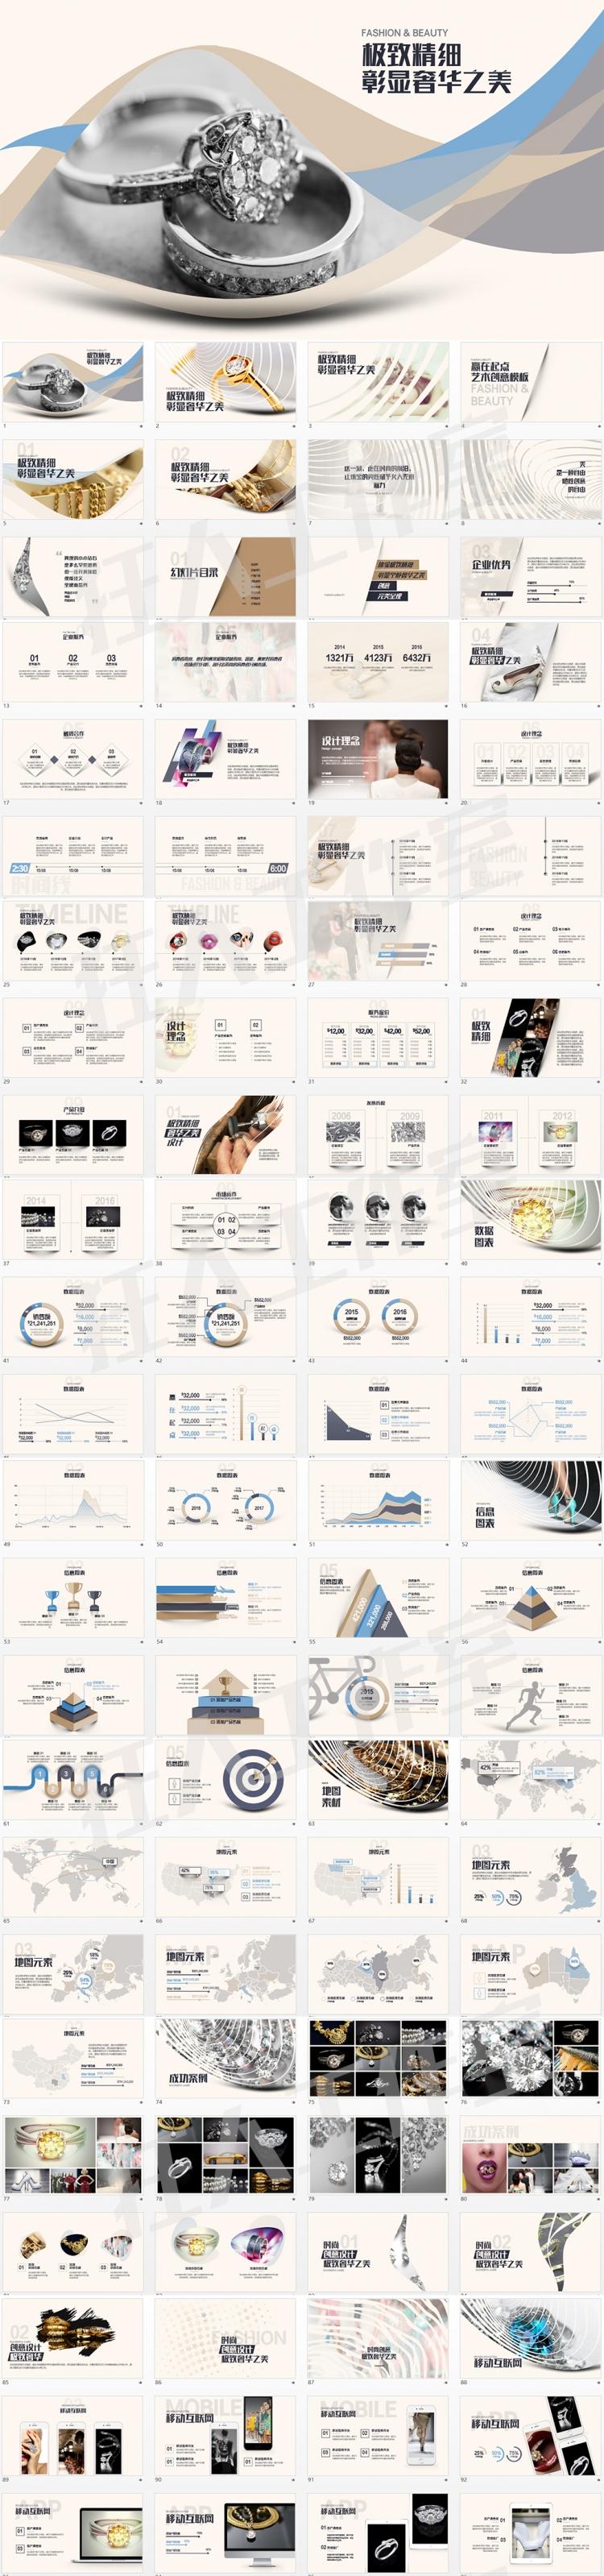 精美ppt模板-时尚珠宝展示广告宣传艺术类文案